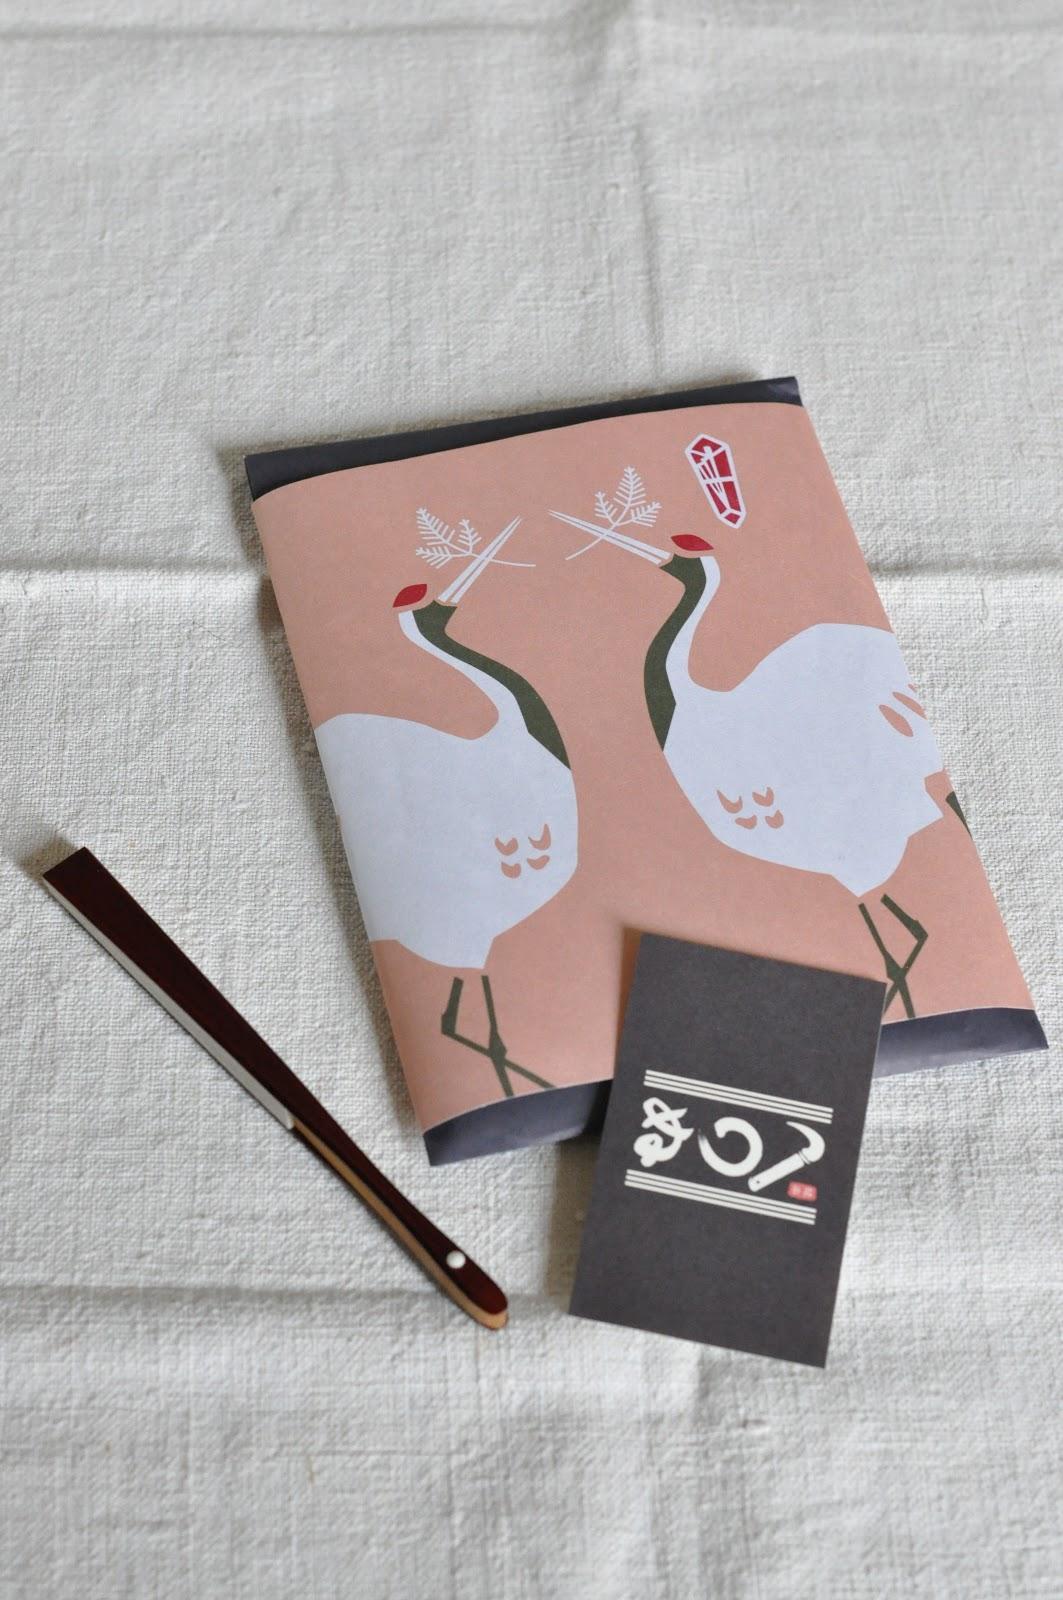 http://2.bp.blogspot.com/-Uzn1l2WVRH8/UZND09AsOOI/AAAAAAAACq4/7AxDQj5Ja_Q/s1600/Emballage+Tenugui.jpg